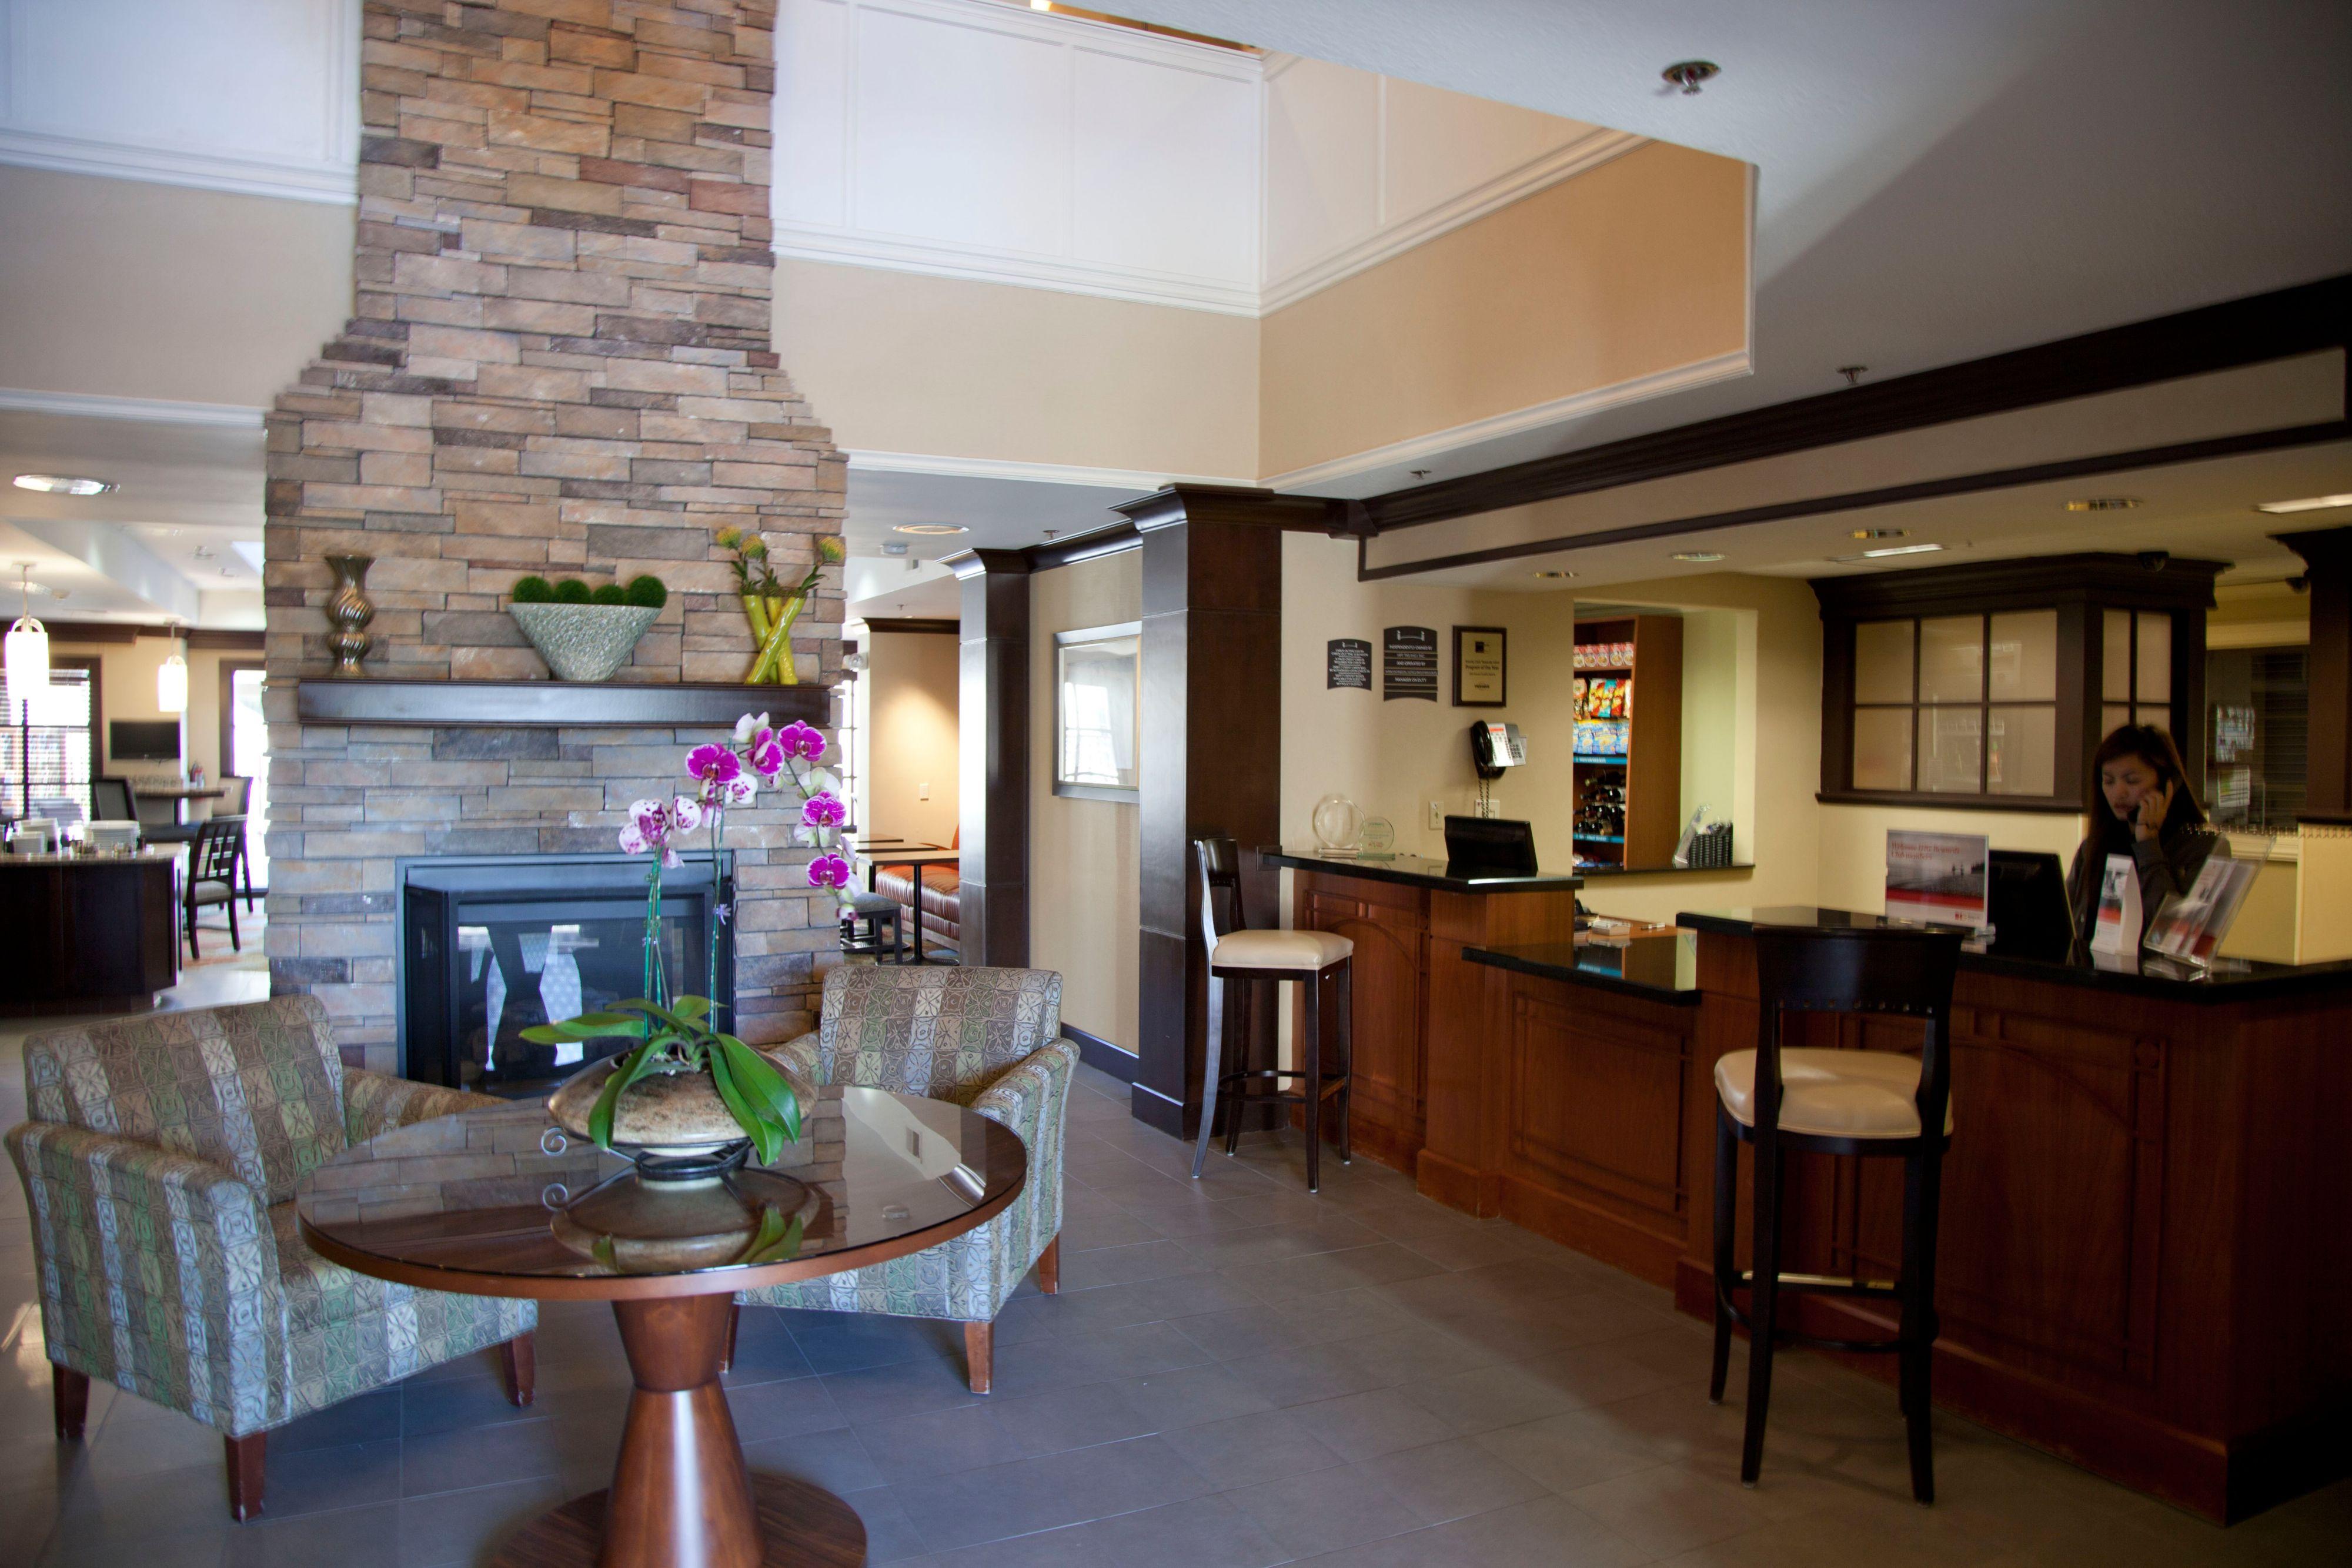 Staybridge Suites Sunnyvale image 4